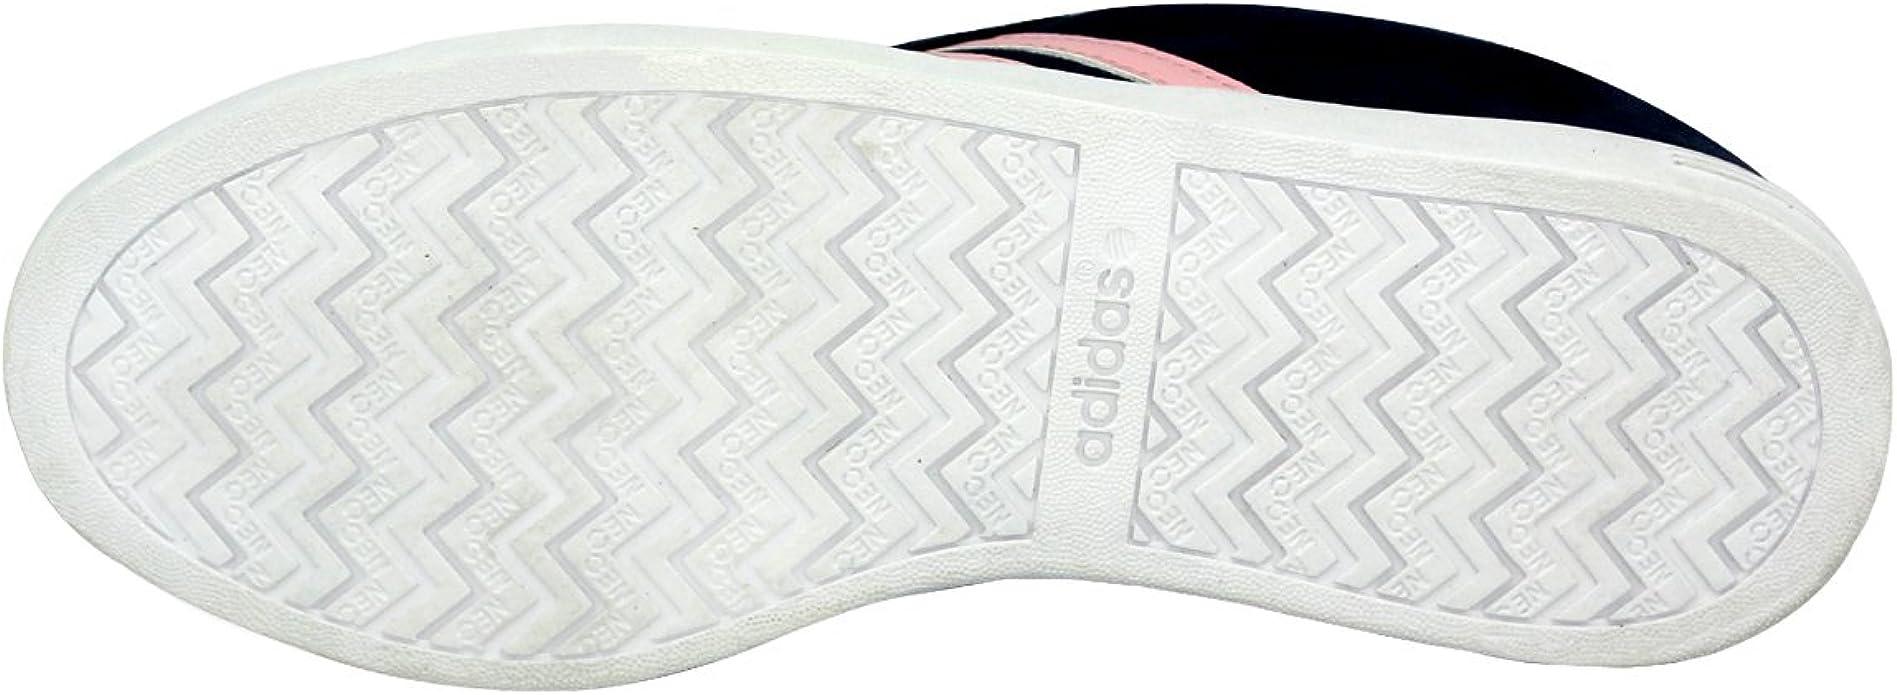 adidas Neo Vlcourt Chaussures Mode Tennis Femme Bleu Rose : Amazon ...